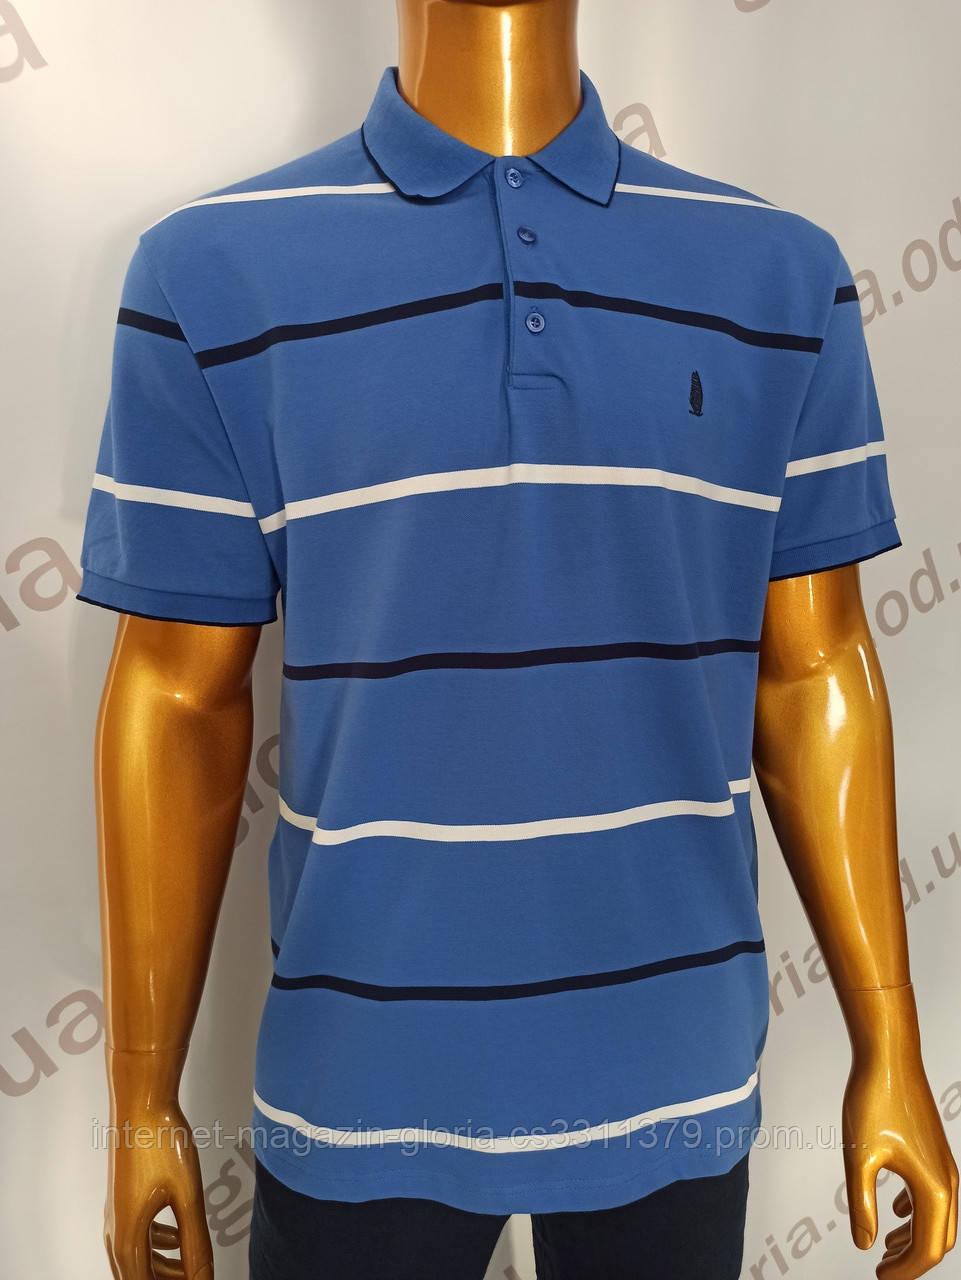 Мужская футболка поло Tony Montana. PSL-2005g (tmp241-8). Размеры: M,L,XL,XXL.